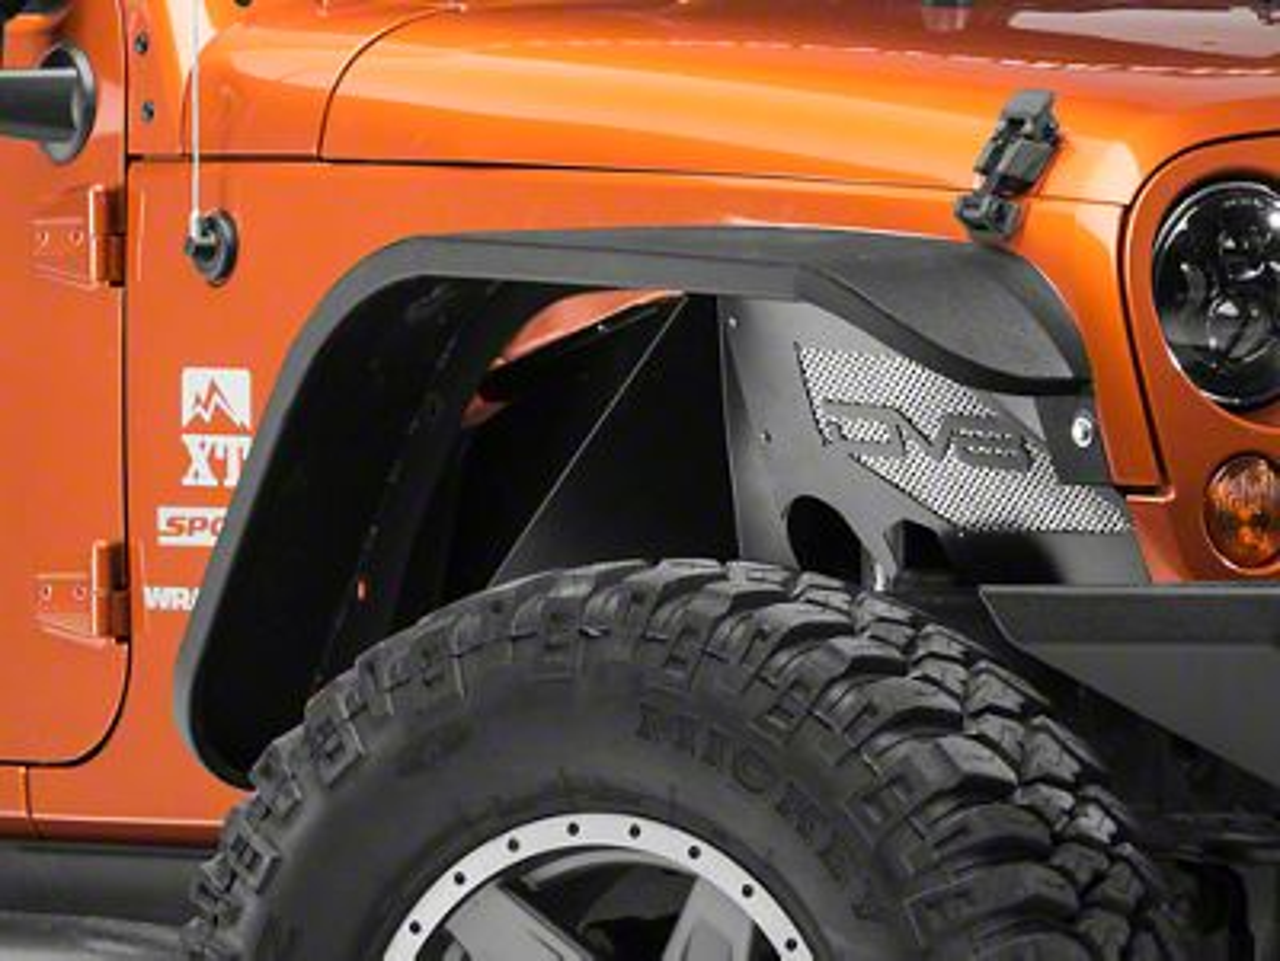 DV8 Off-Road Front Aluminum Inner Fender Flares - Black (07-18 Jeep Wrangler JK)